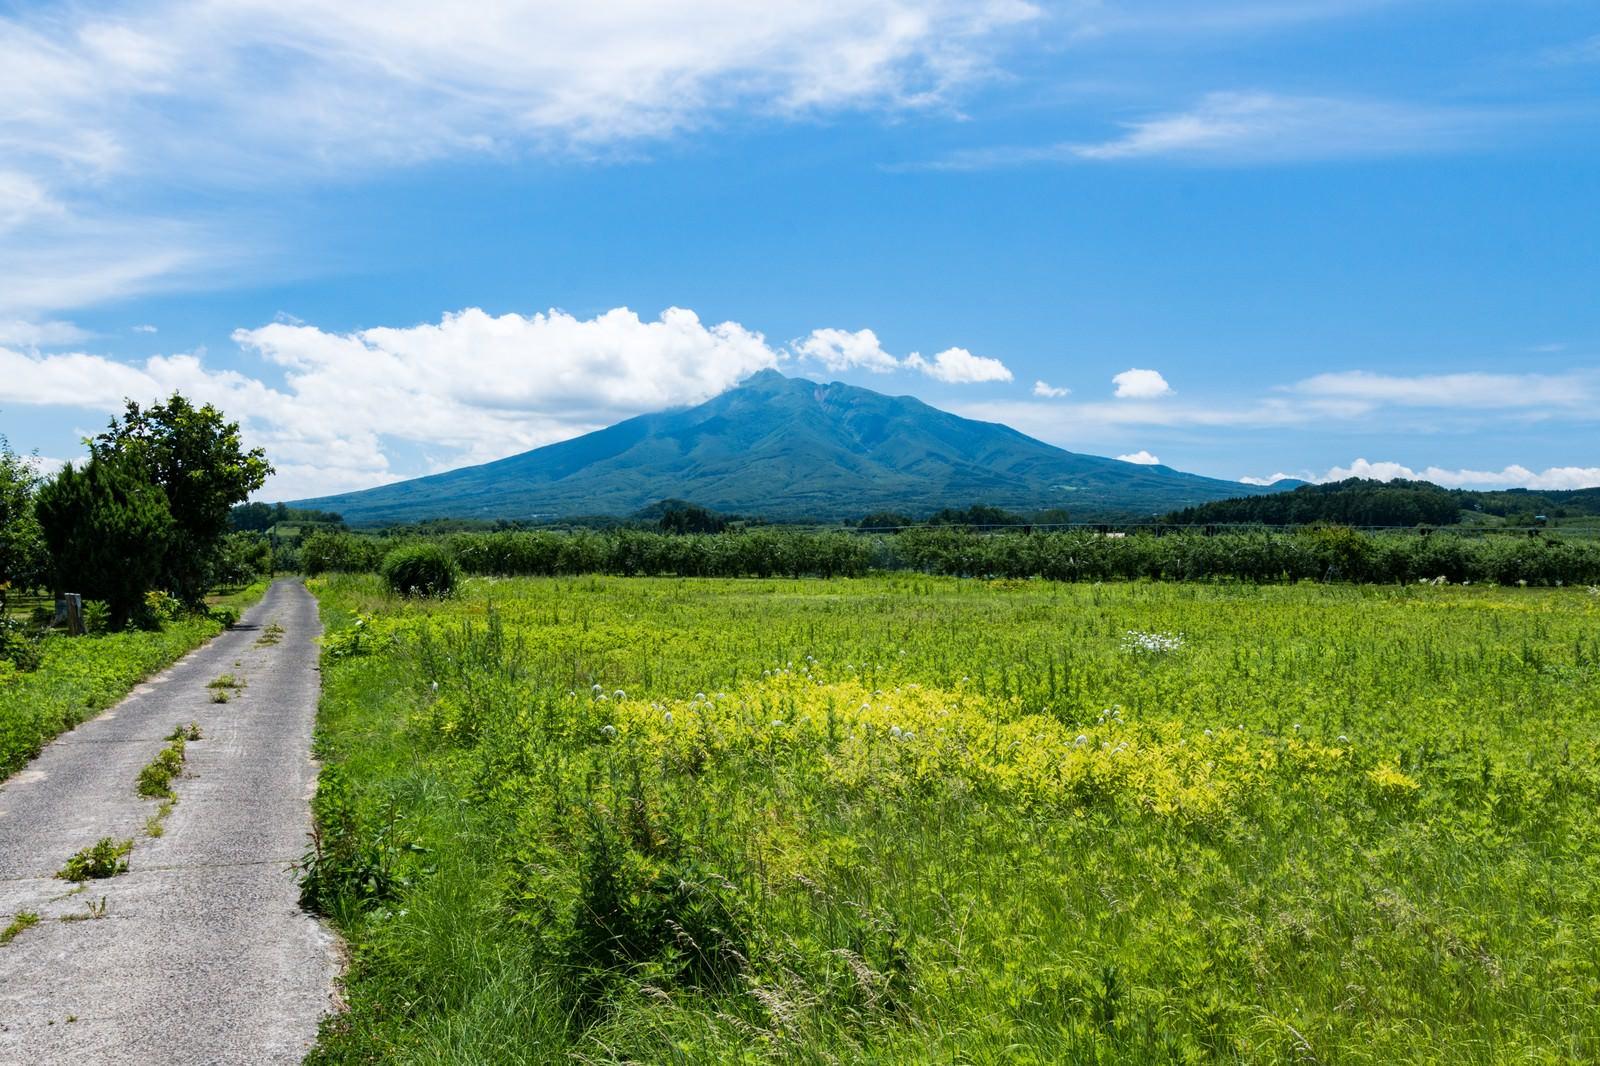 「野原の先に岩木山(いわきさん)」の写真